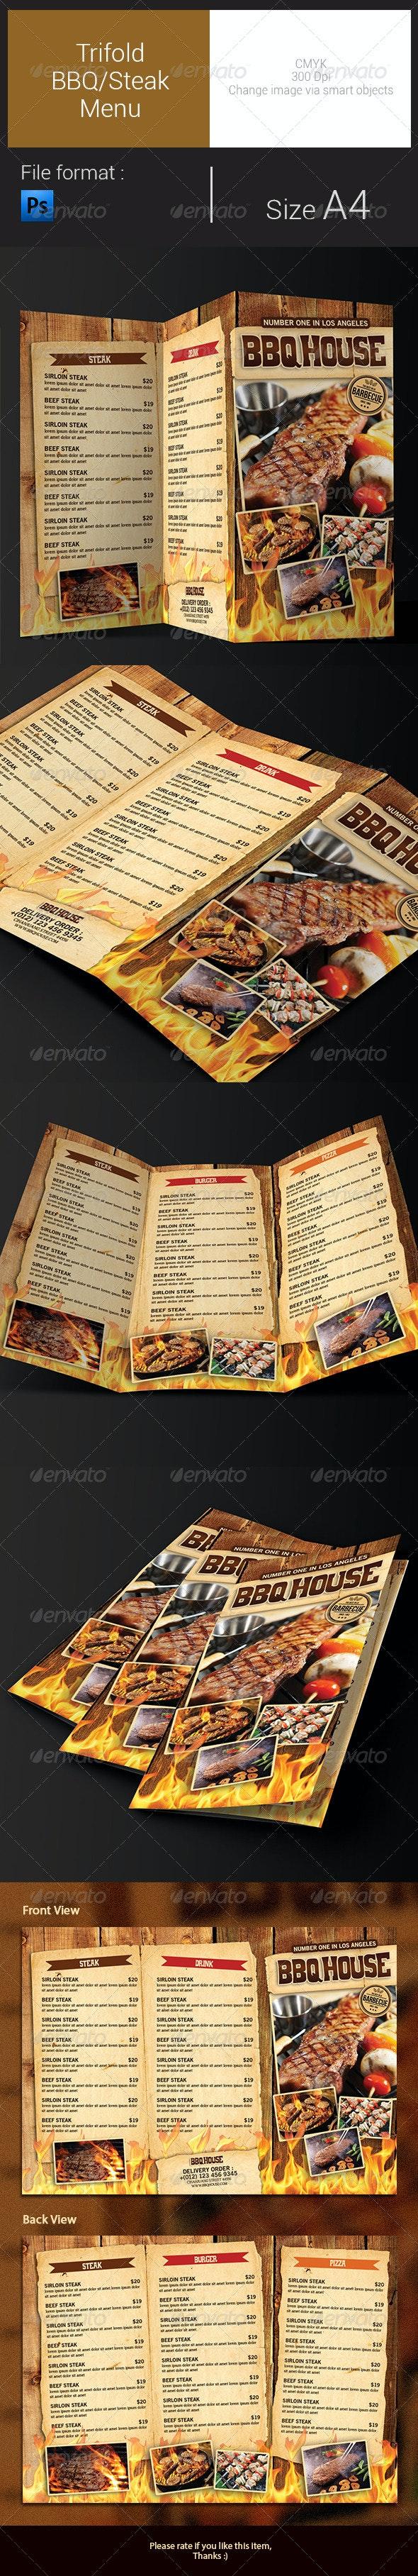 Trifold BBQ/Steak Menu - Food Menus Print Templates